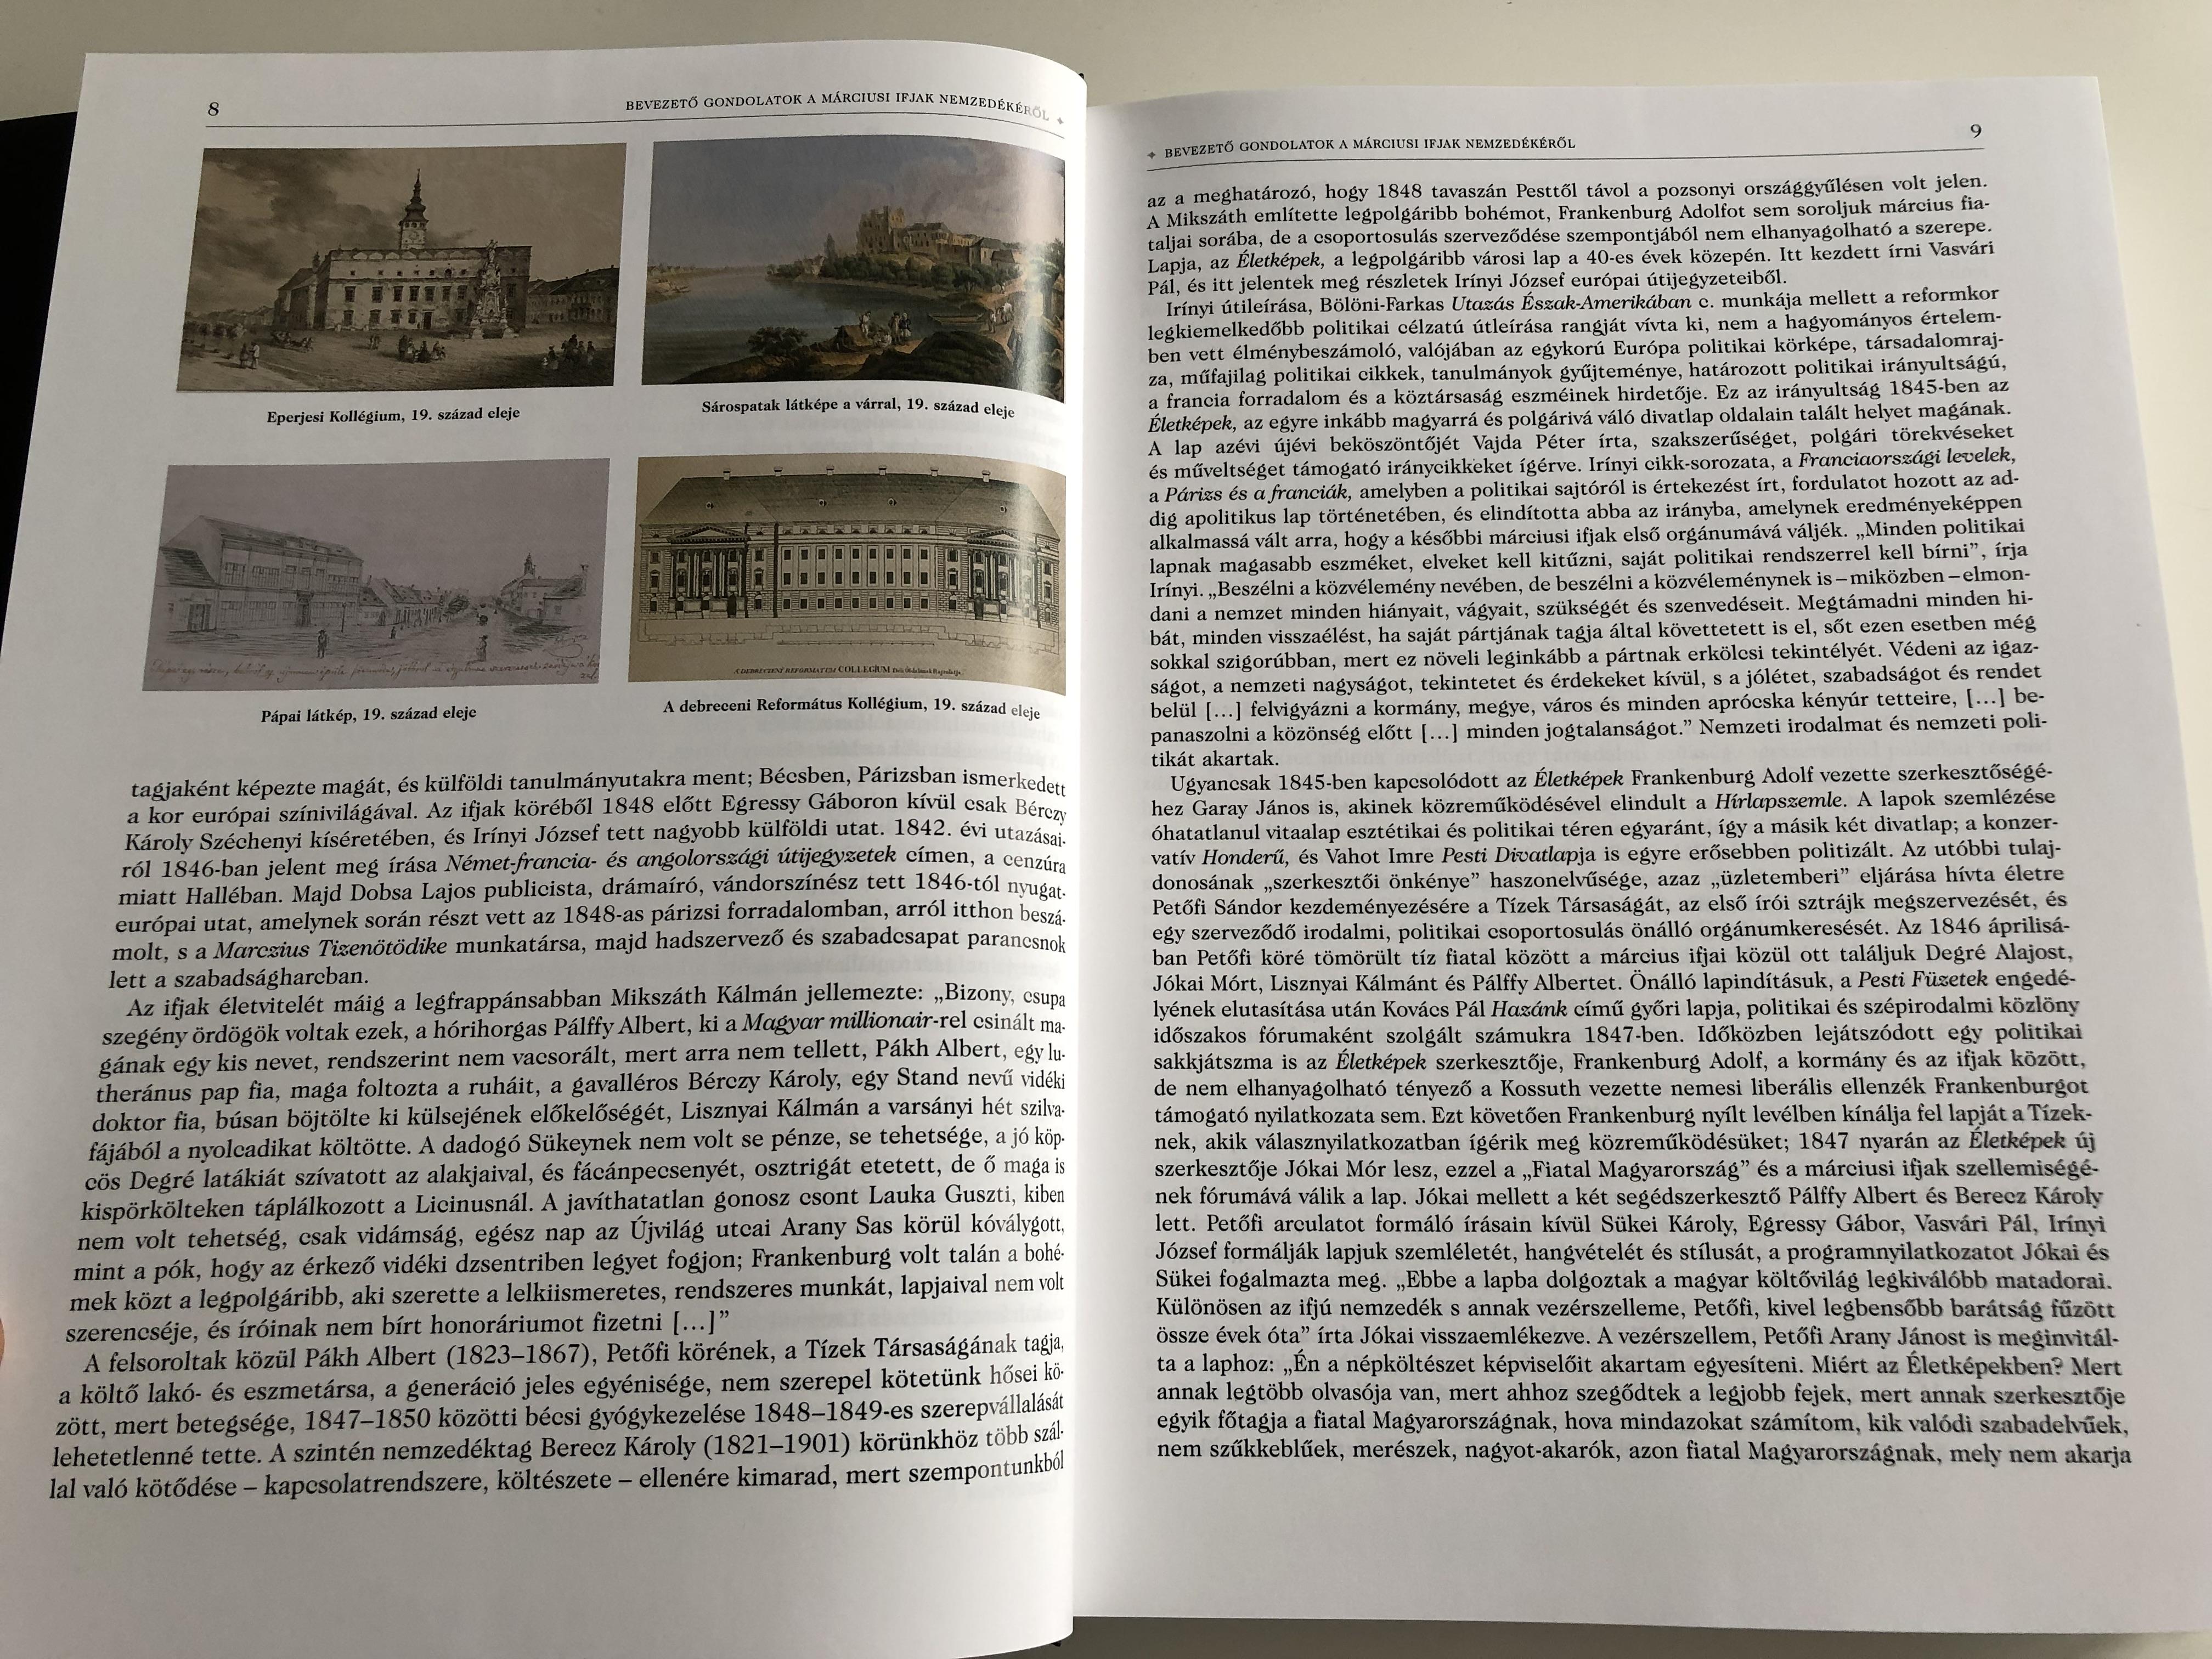 a-m-rciusi-ifjak-nemzed-ke-nem-k-zd-nk-mi-sem-dics-s-g-sem-d-j-rt-acz-l-eszter-basics-beatrix-hermann-r-bert-kalla-zsuzsa-szil-gyi-m-rton-editor-k-rm-czi-katalin-paperback-2000-magyar-nemzeti-m-zeum-5-.jpg